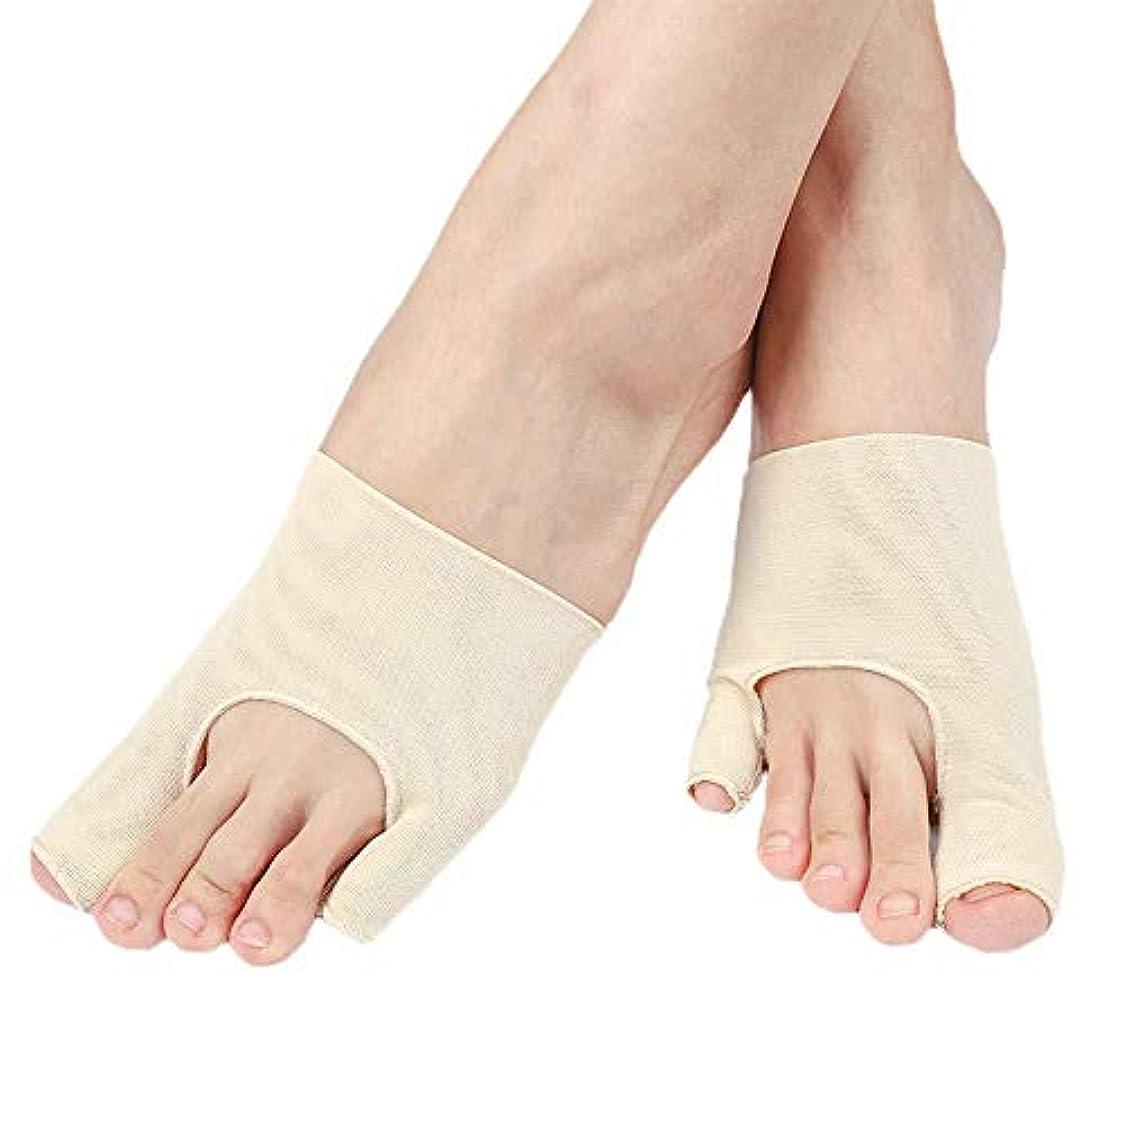 資産すすり泣き救援つま先セパレーター、Orthoticsの足の親指の矯正、つま先の痛み緩和スリーブ、外反母painの痛みを緩和するための組み込みシリコンゲルパッド,L